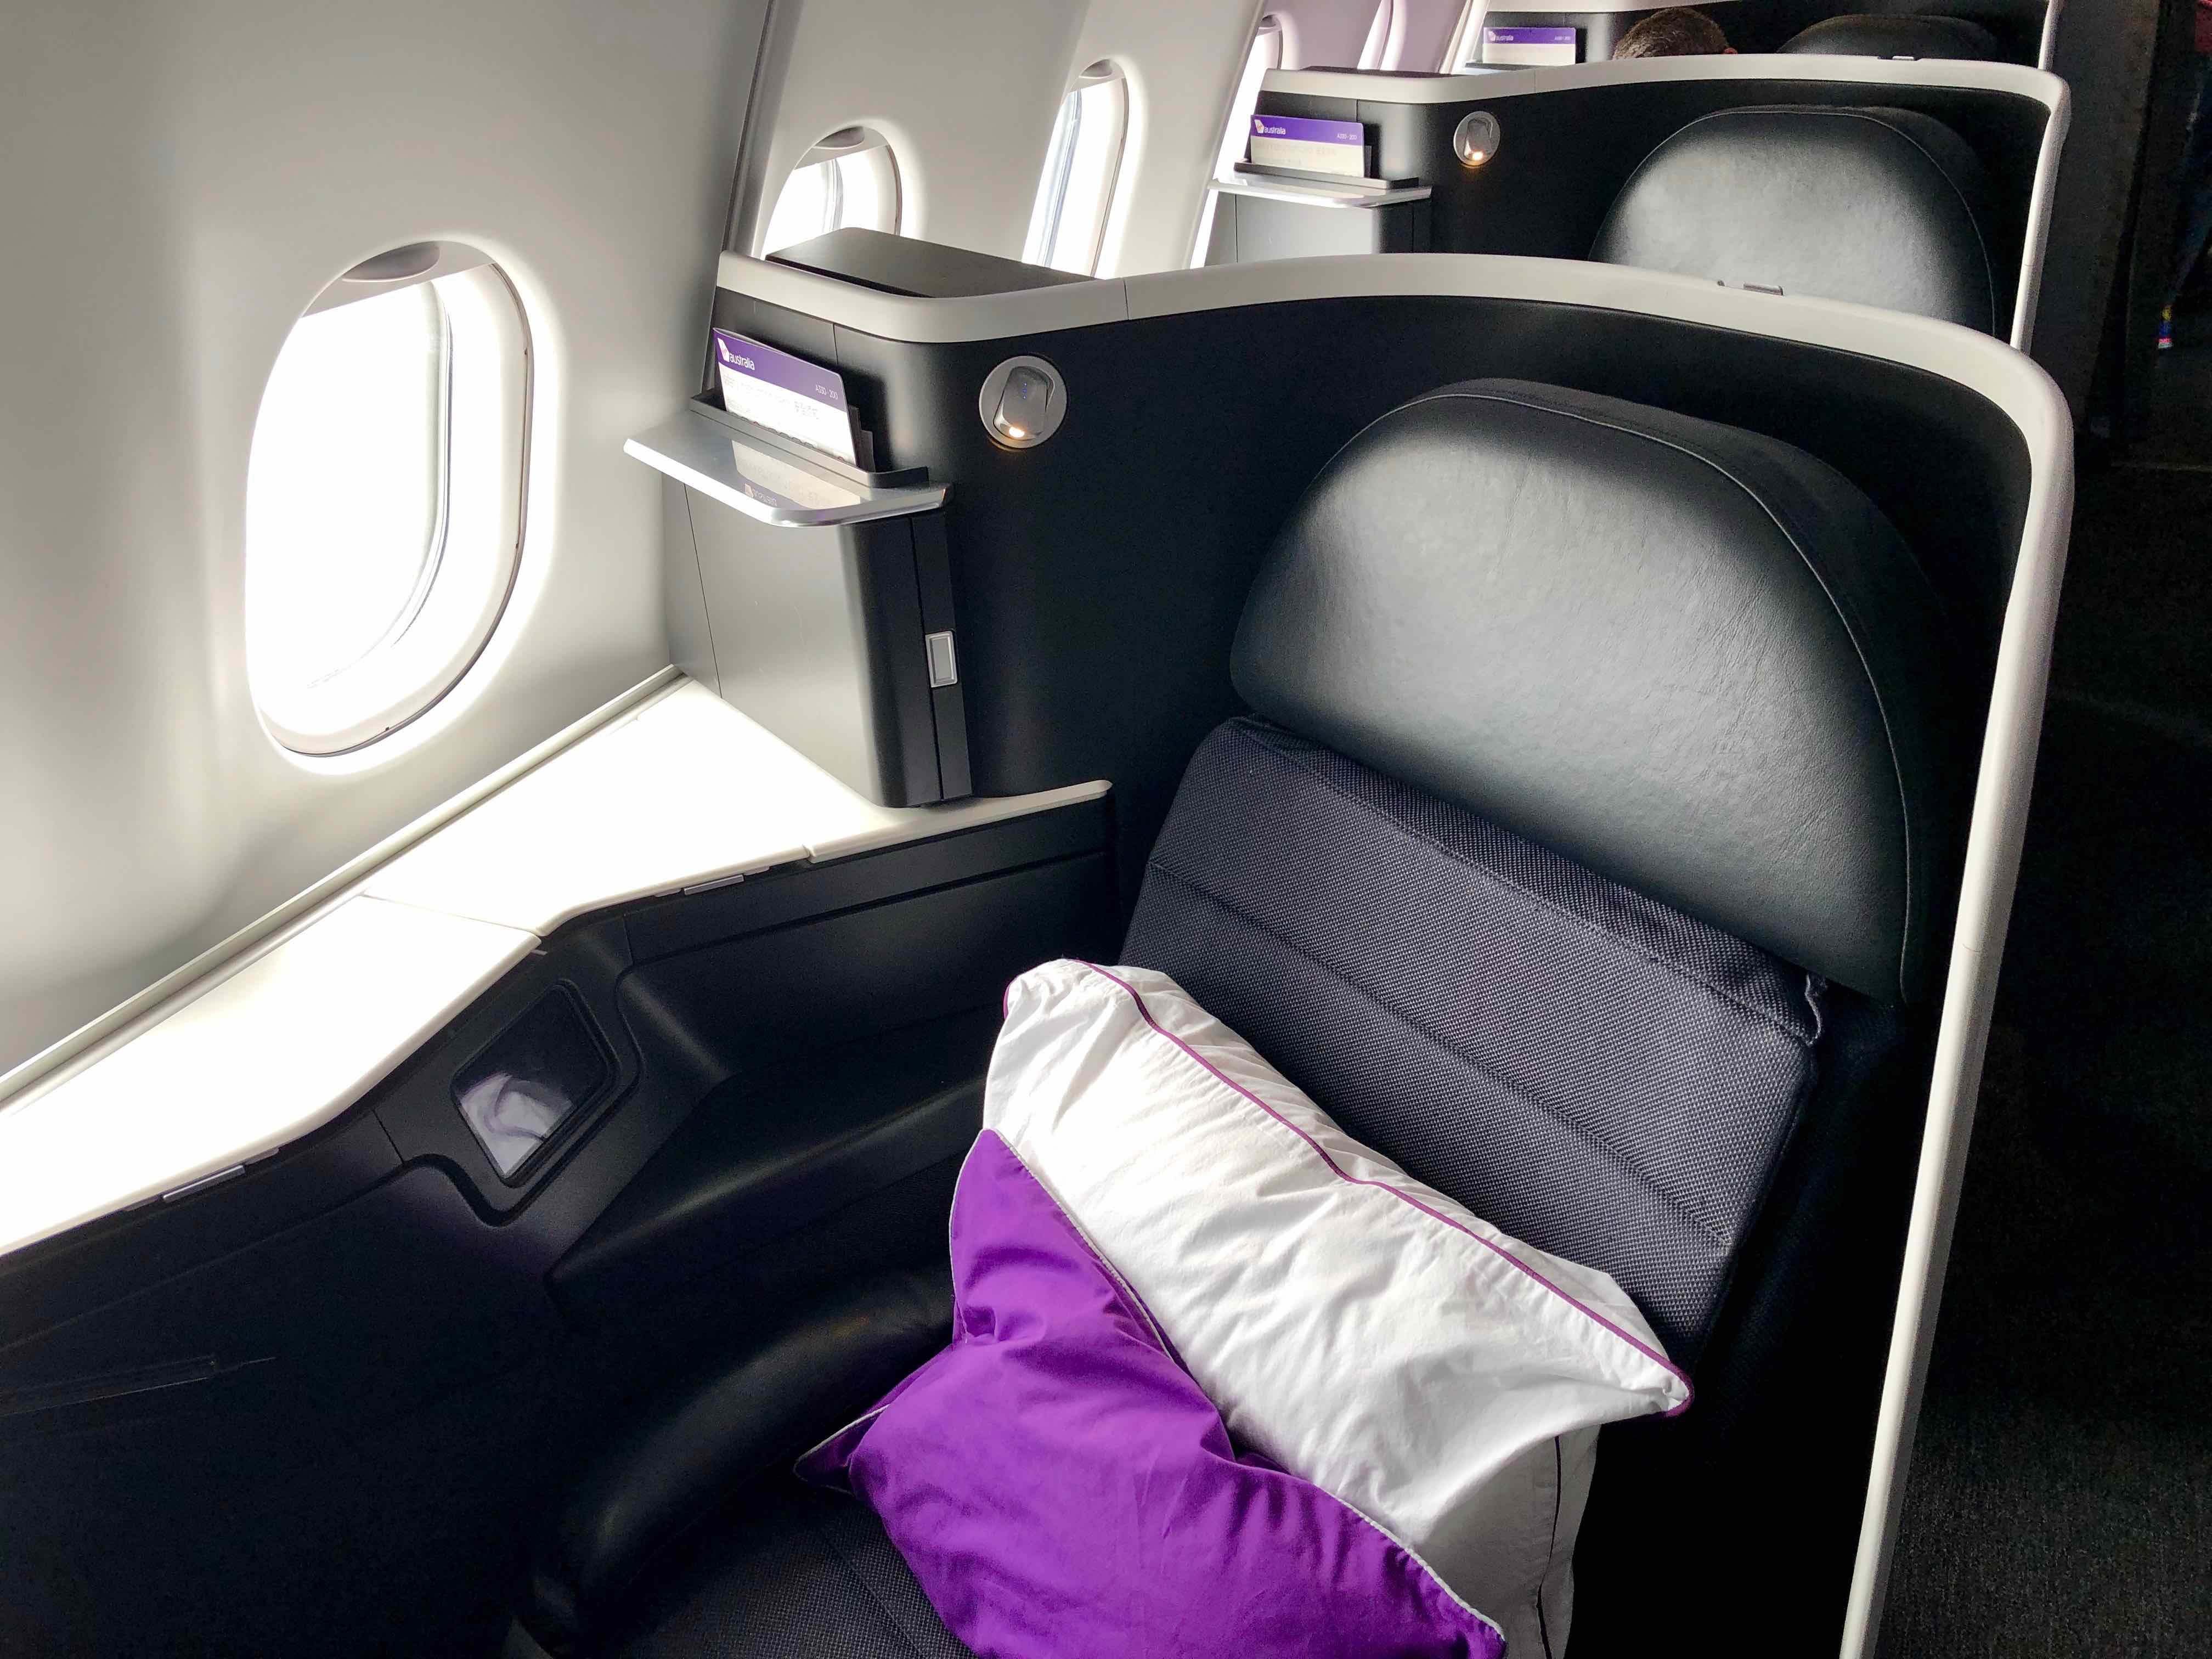 Virgin Australia A330 Business Class seat